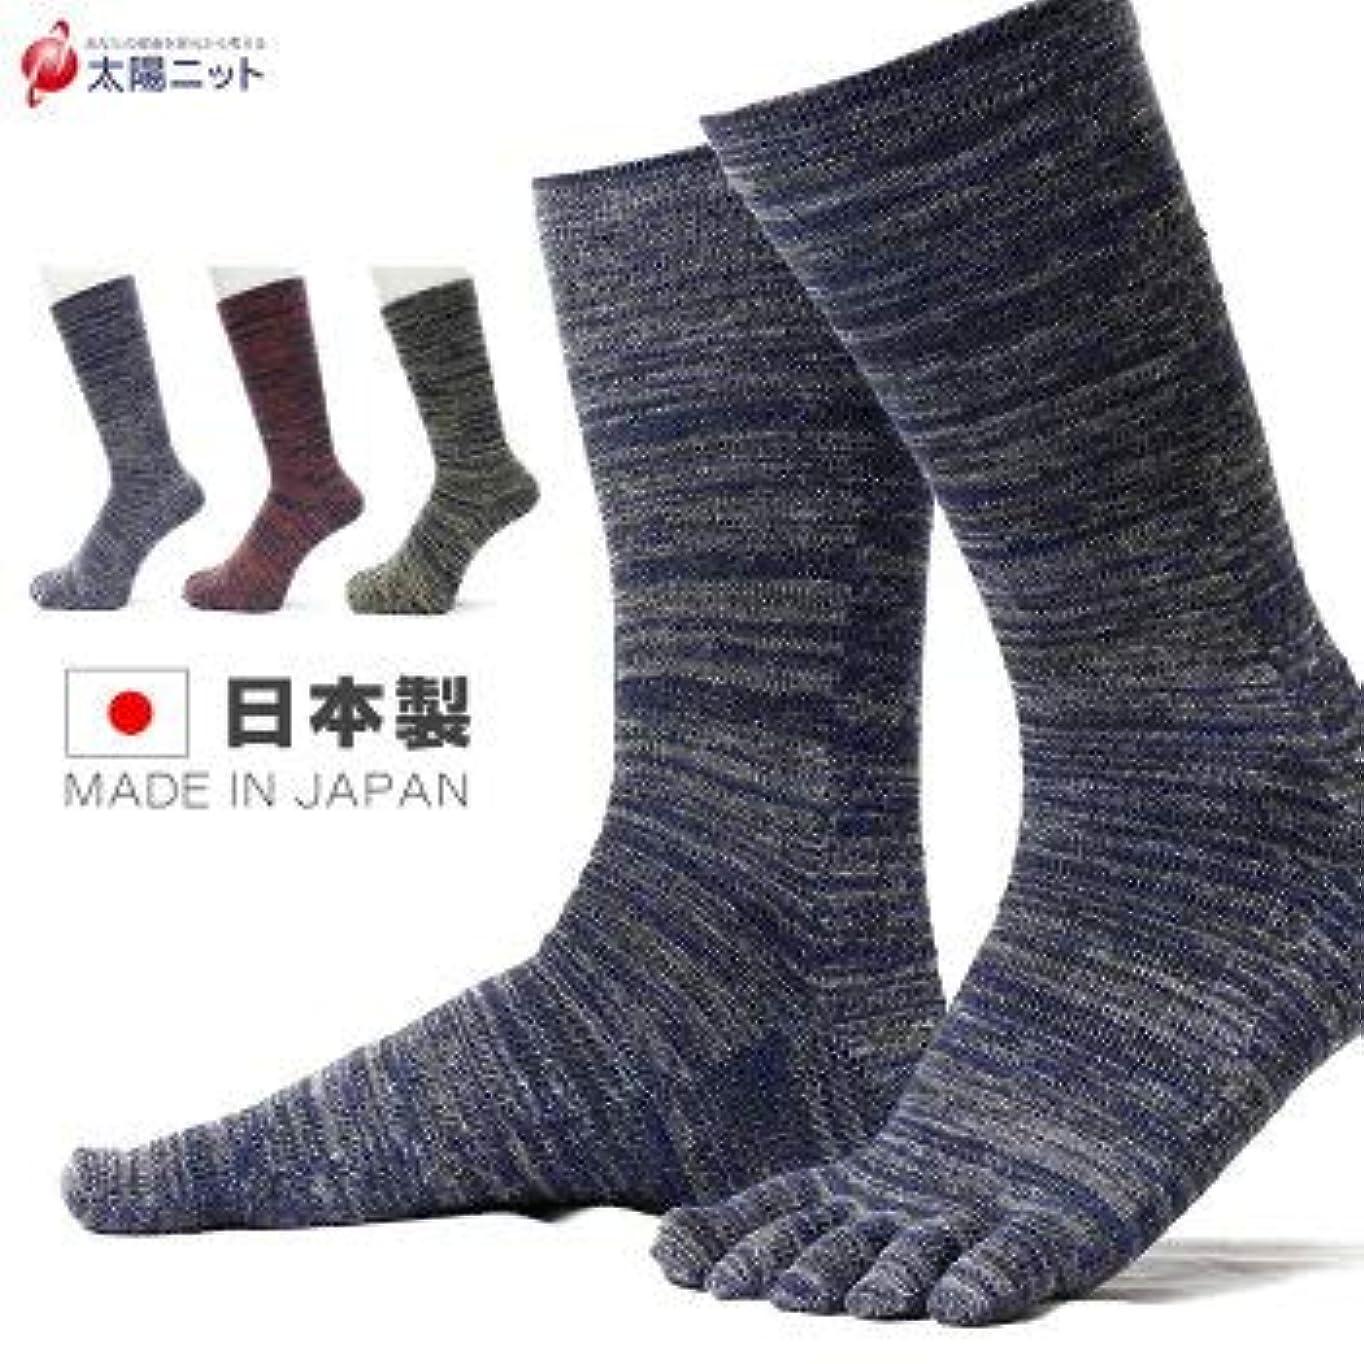 熱狂的な服を片付ける内なる靴下職人のこだわり メンズ スラブ調 5本指靴下 25-27㎝ 太陽ニット 366 (ネイビー)